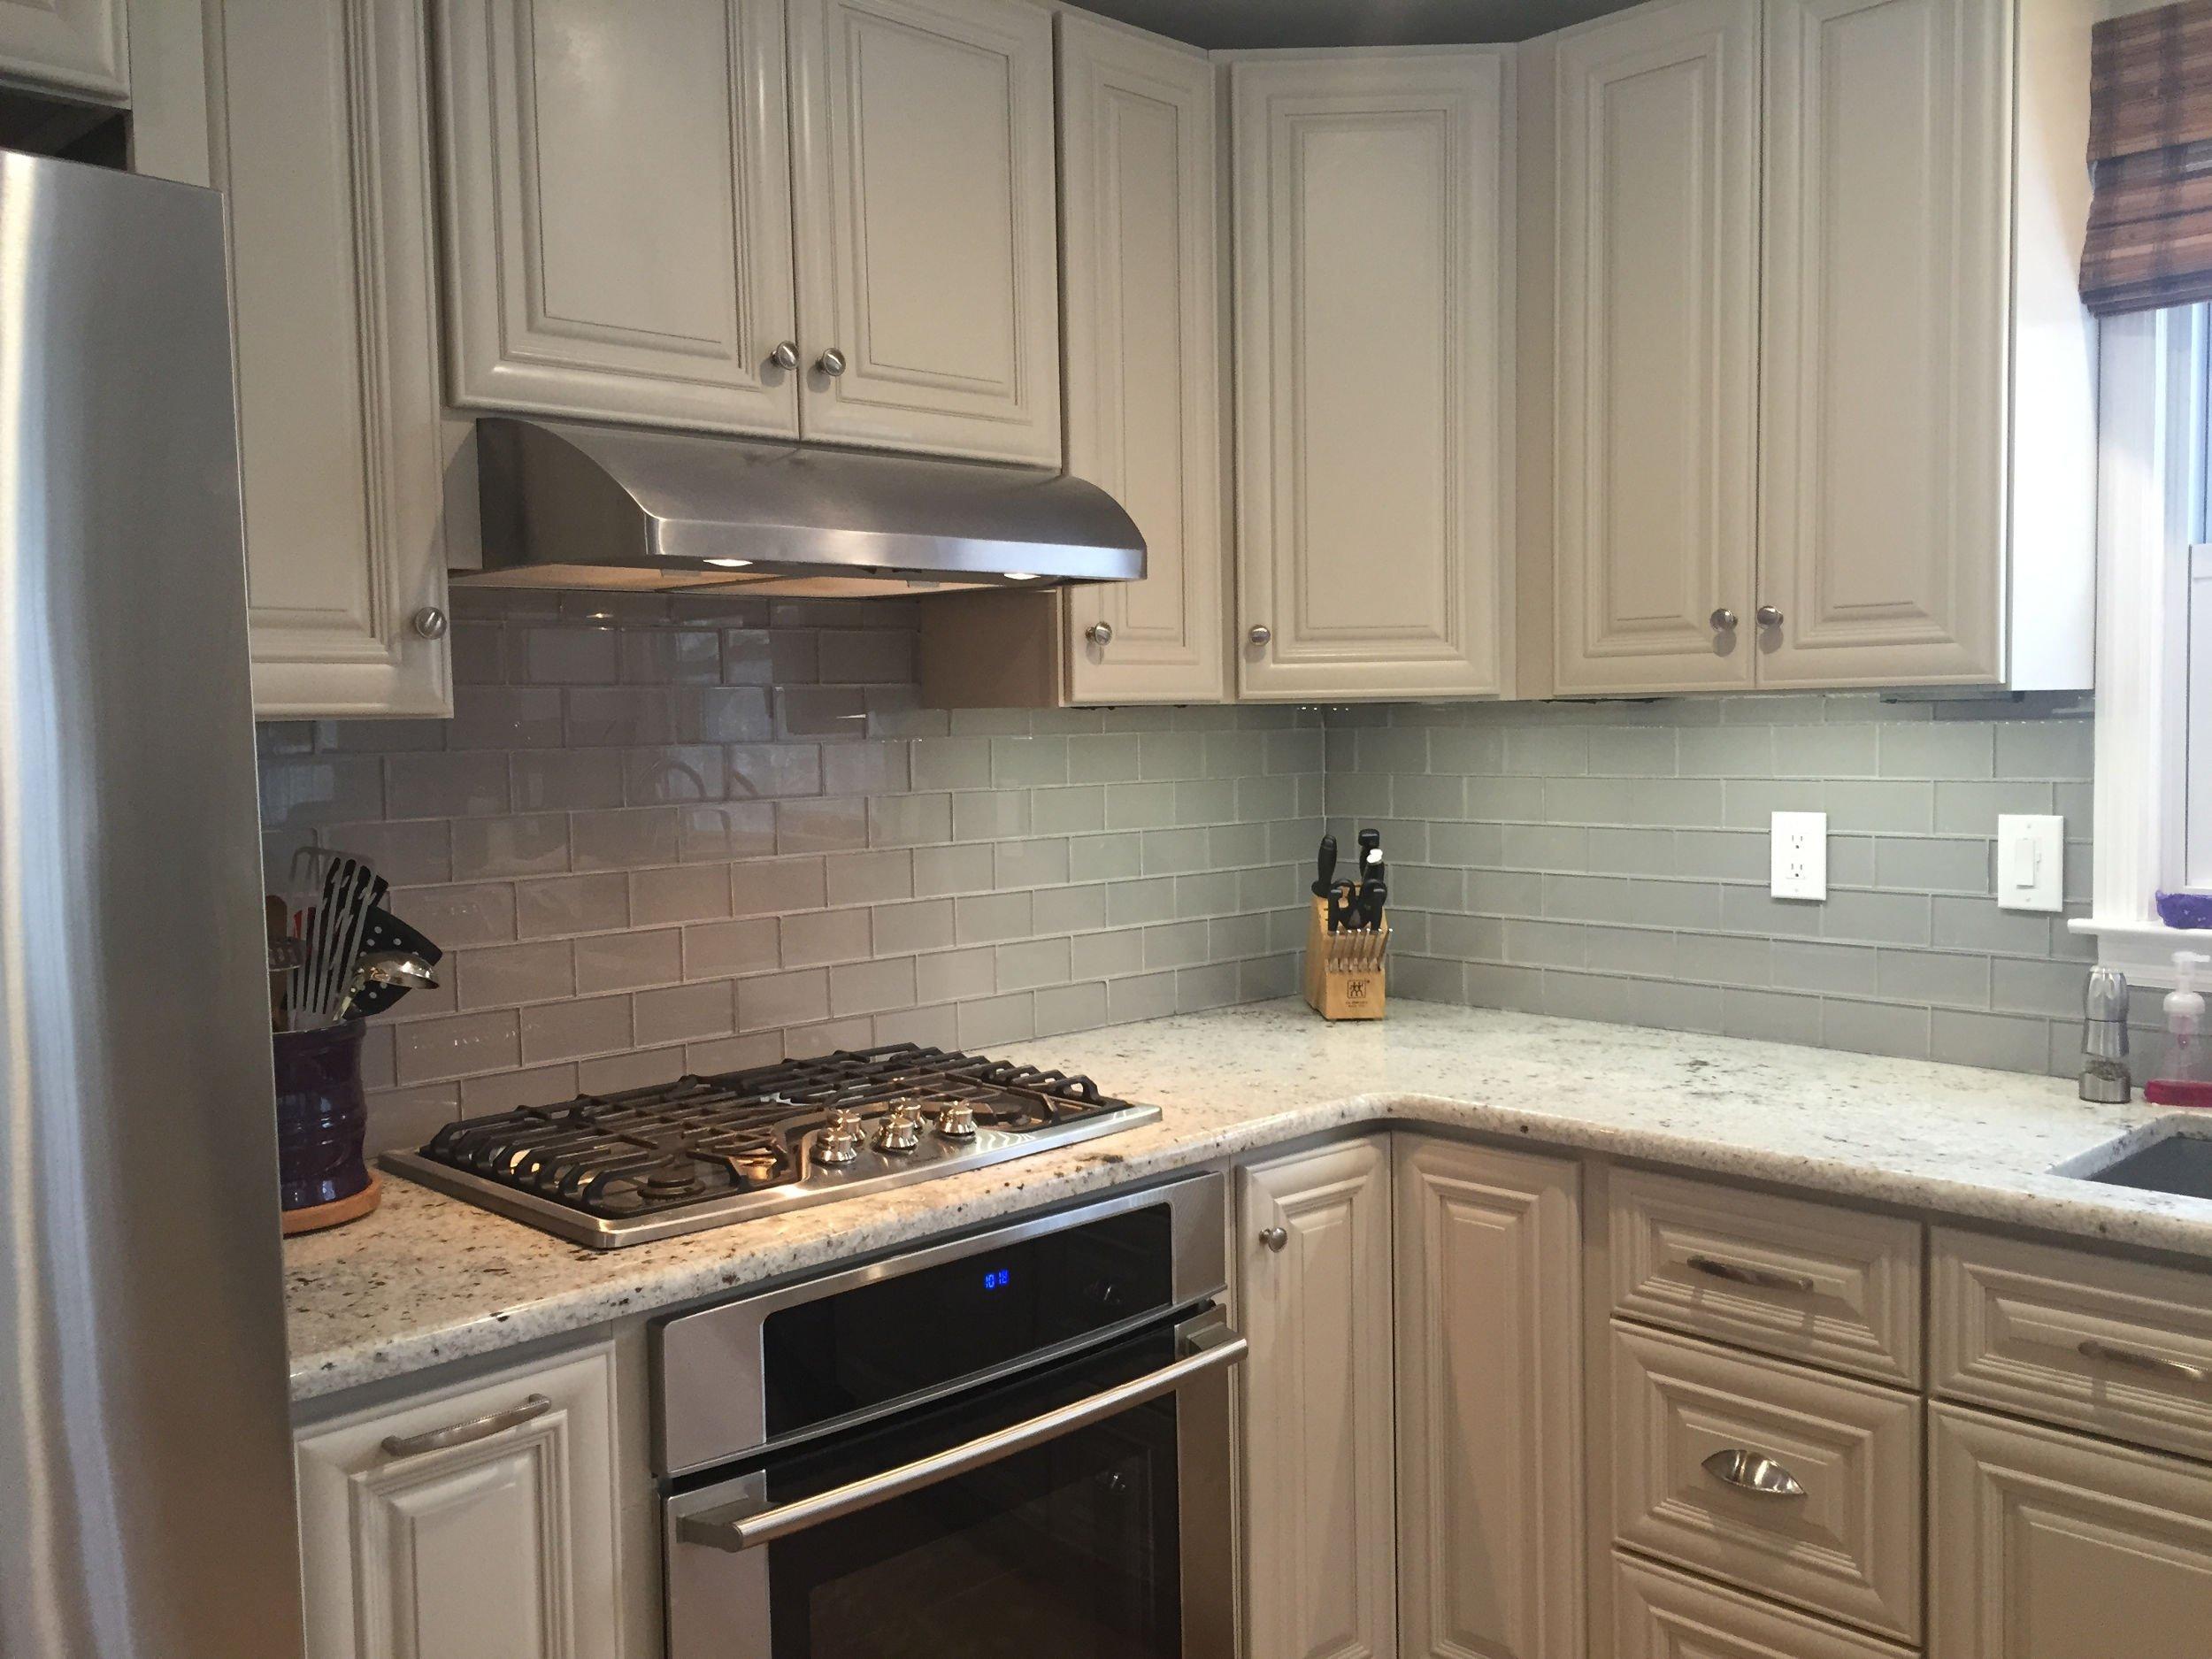 Gray kitchen backsplash.